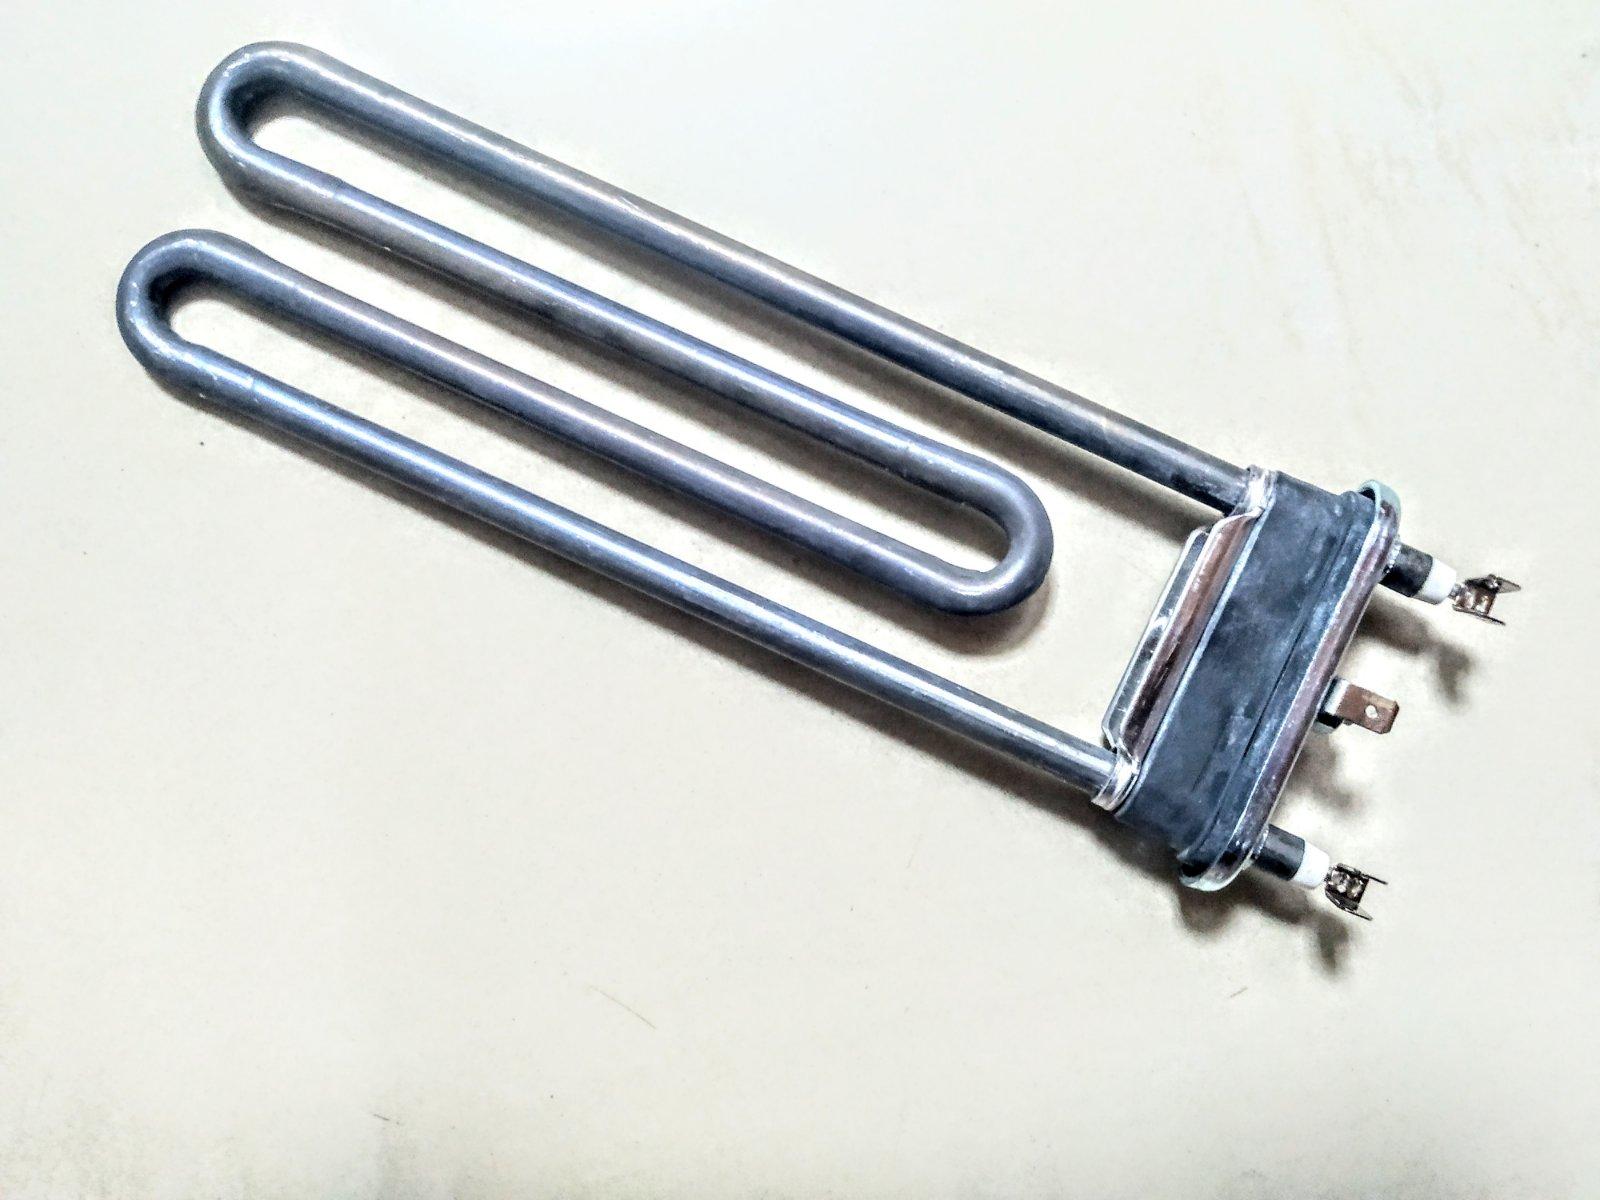 ТЭН для стиральной машины Whirlpool универсальный 230 мм 1950 W